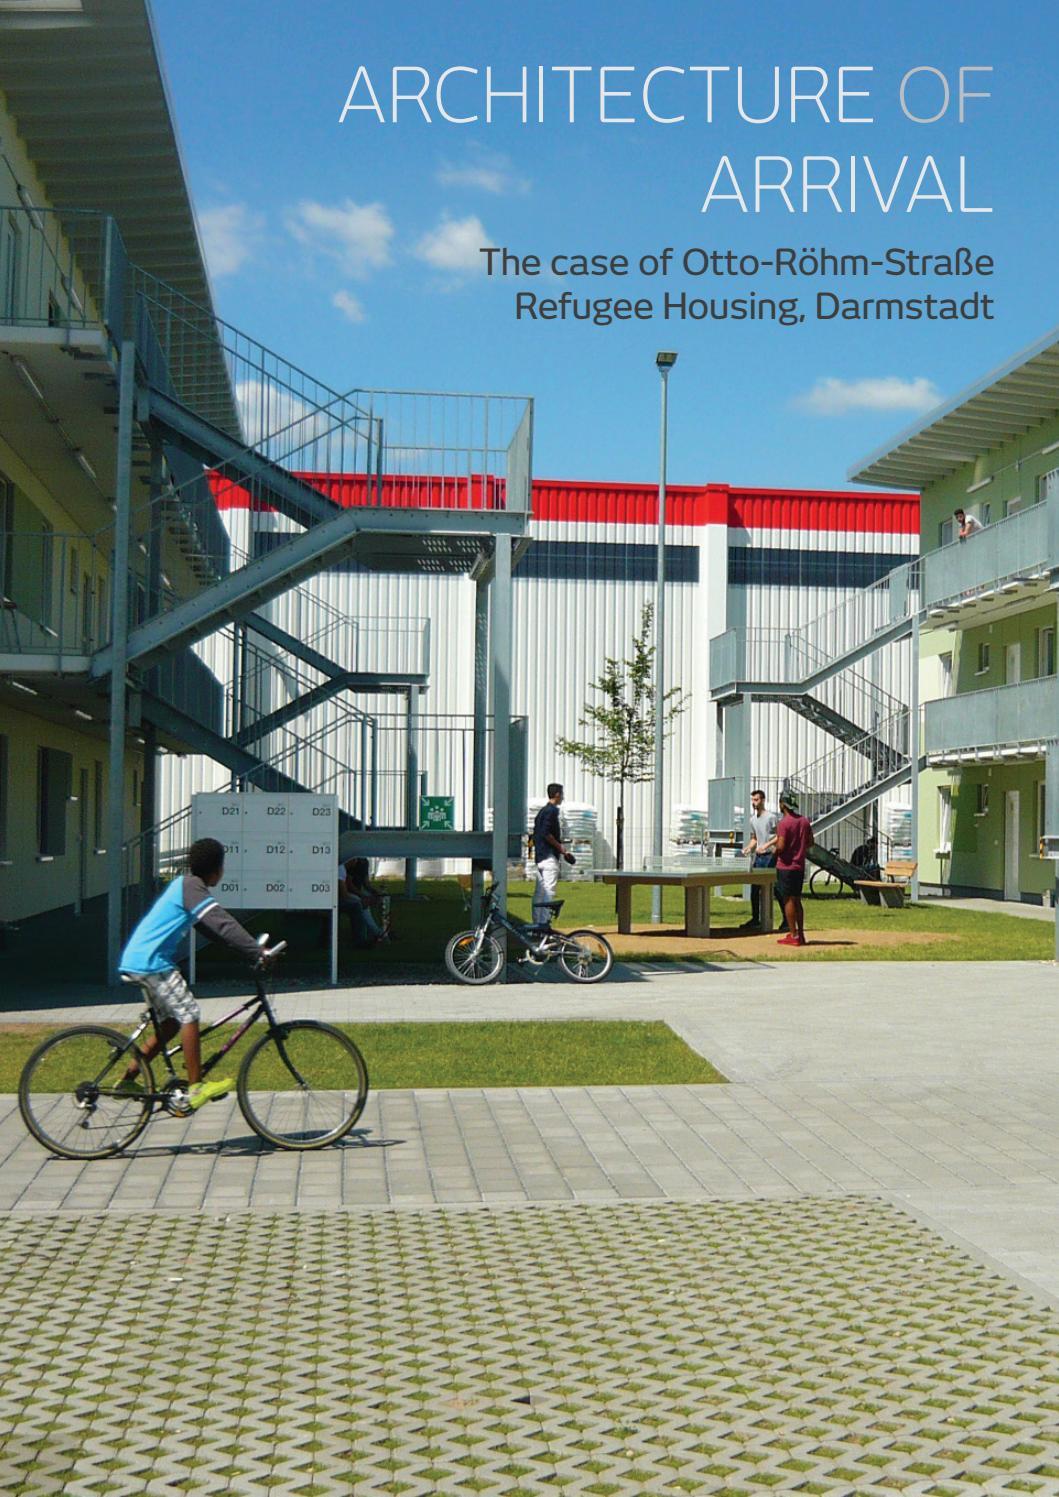 Full Size of Otto Hussen Architecture Of Arrival The Case Rhm Strae Refugee Sofa Ottomane Bezug Ecksofa Mit Ottoversand Betten Für Wohnzimmer Otto Hussen